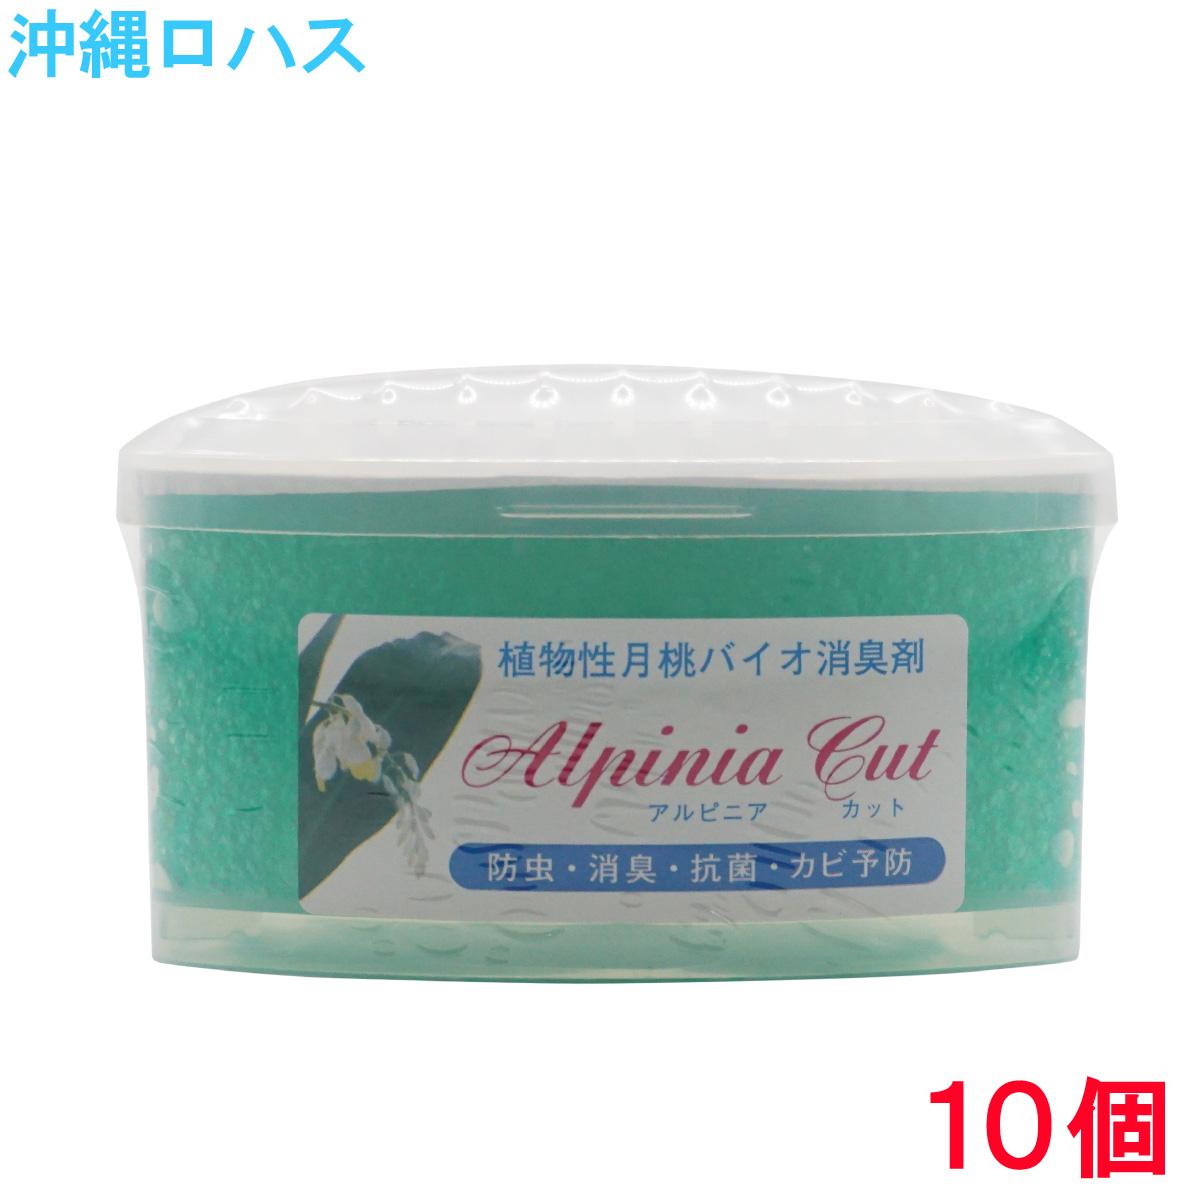 アルピニアカット 10個セット【送料無料】